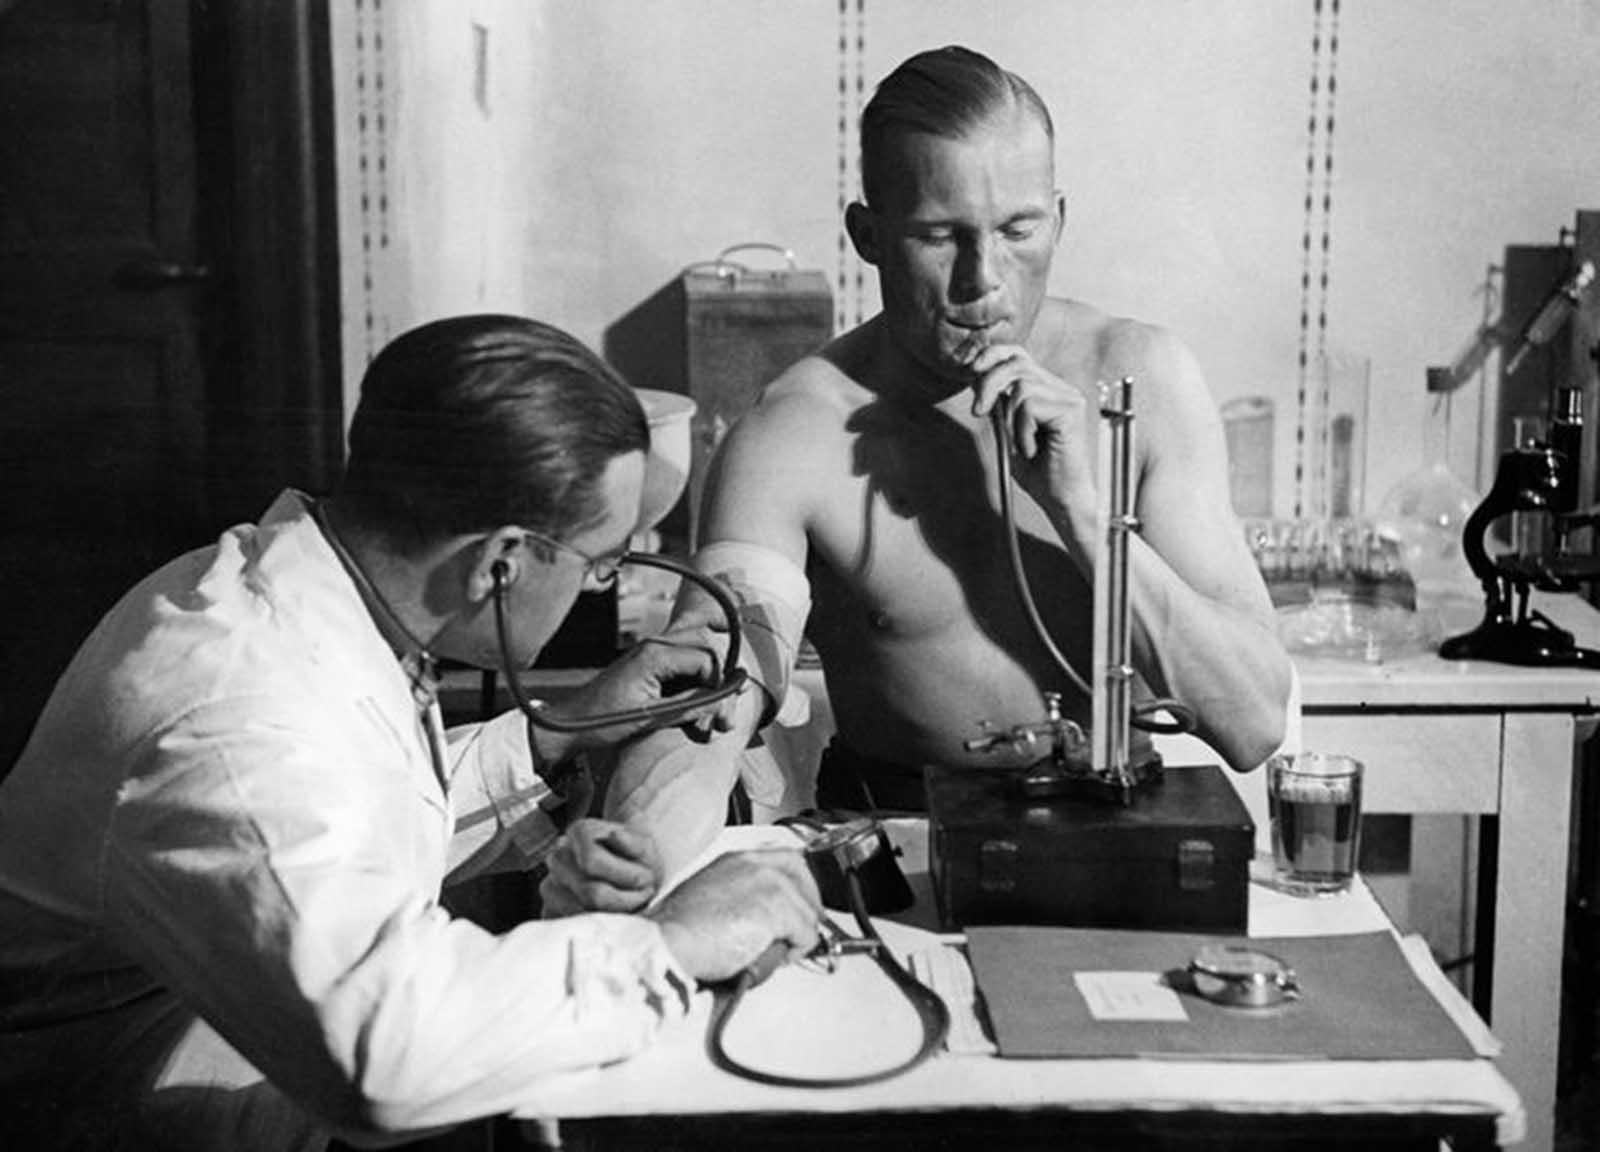 El teniente Radtke presiona aire en sus pulmones en una altura constante con una columna de mercurio, mientras que el médico controla su presión arterial, alrededor de 1932.